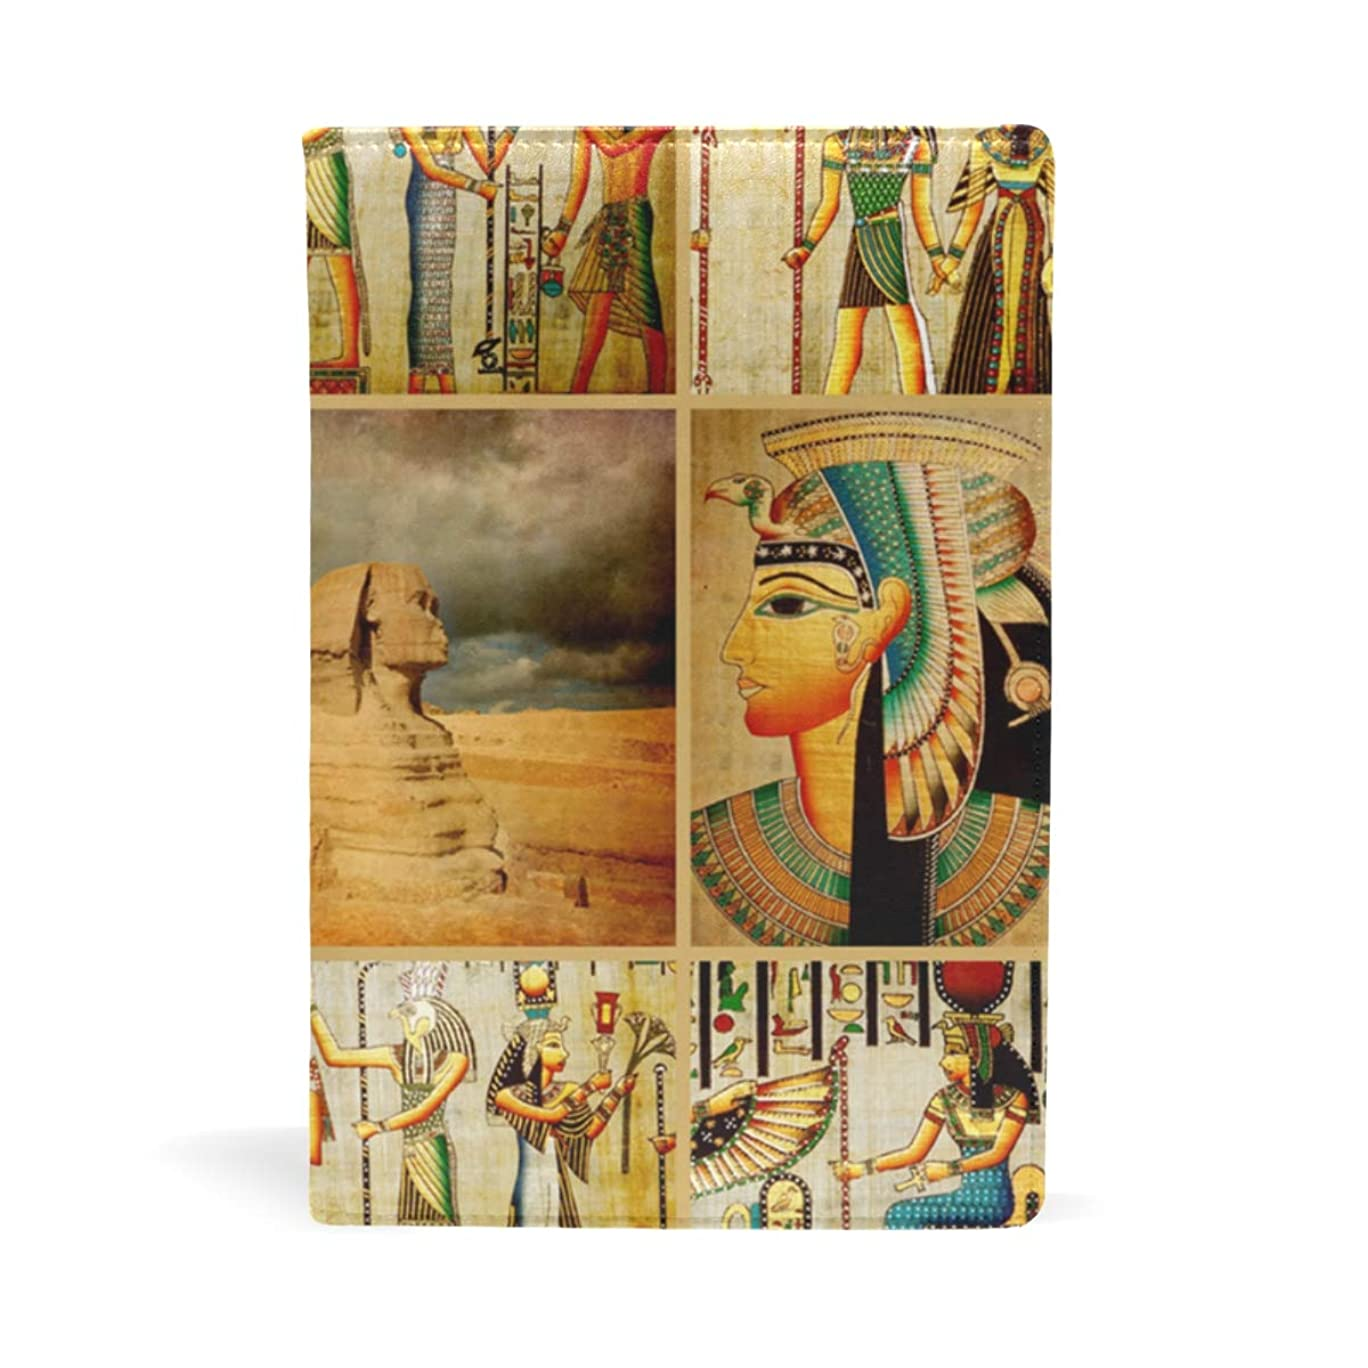 墓部優遇古代エジプトのファラオとピラミッドスフィンクス ブックカバー 文庫 a5 皮革 おしゃれ 文庫本カバー 資料 収納入れ オフィス用品 読書 雑貨 プレゼント耐久性に優れ